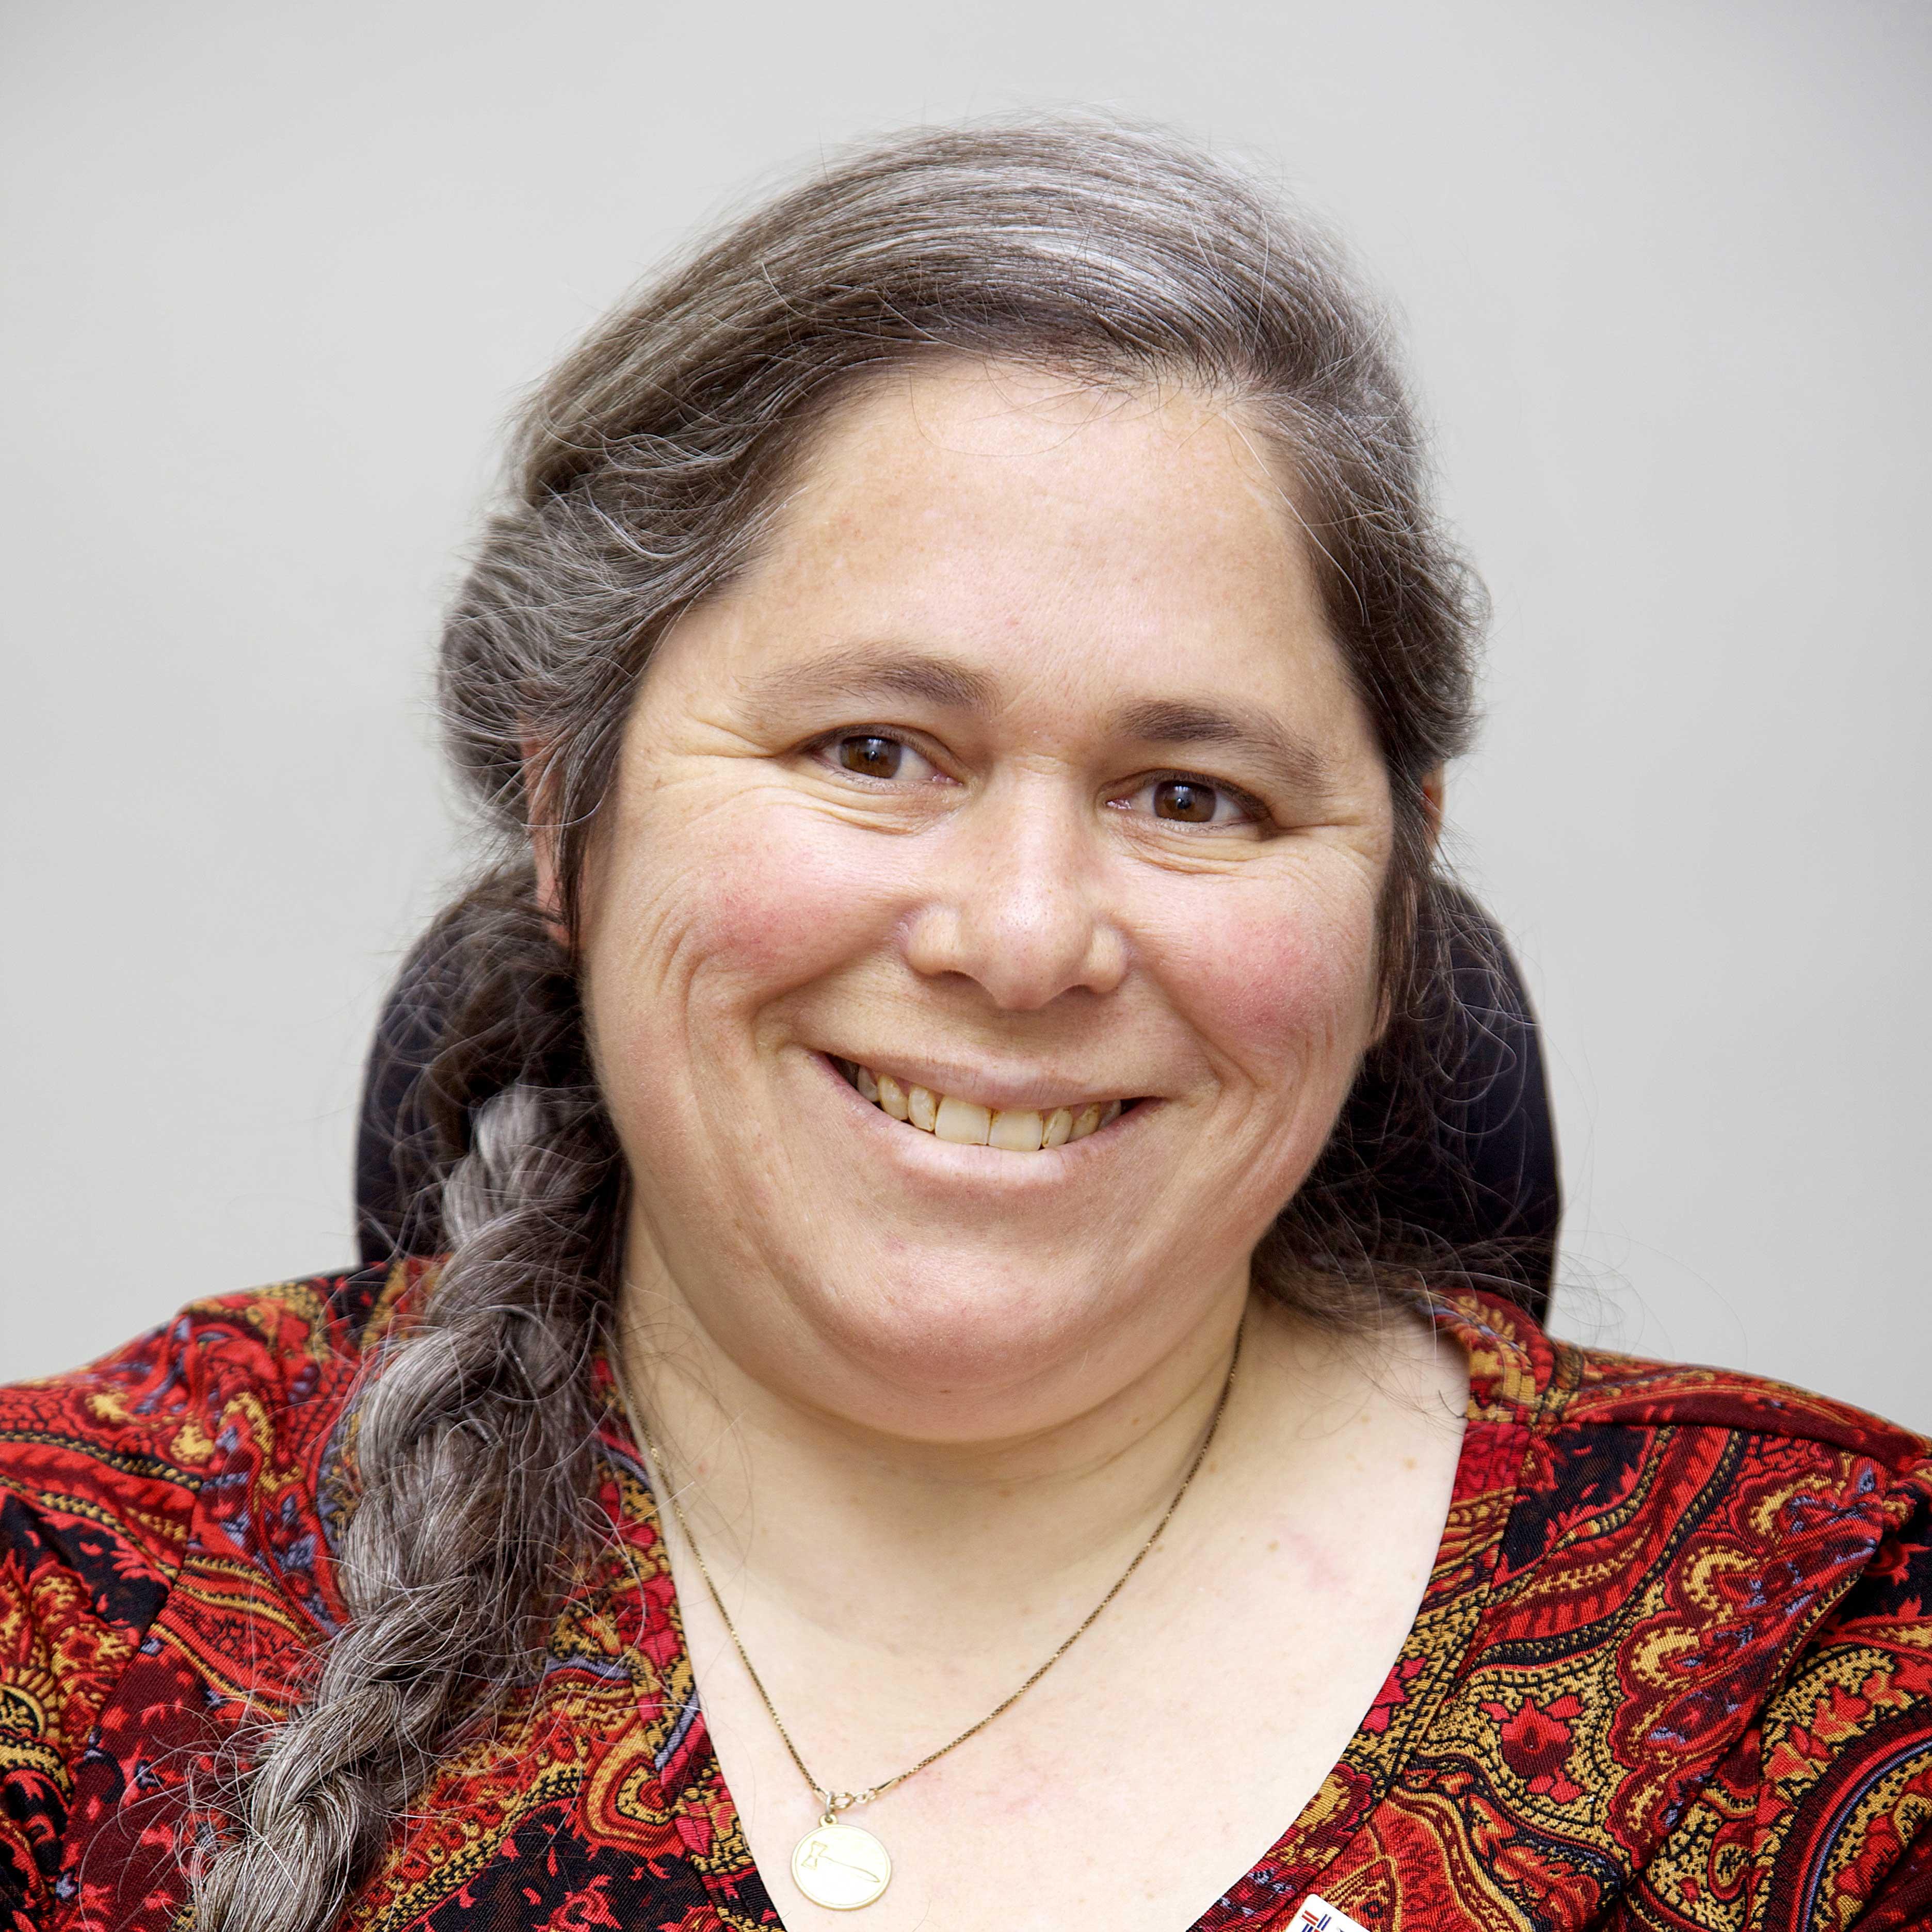 Julie A. Reiskin